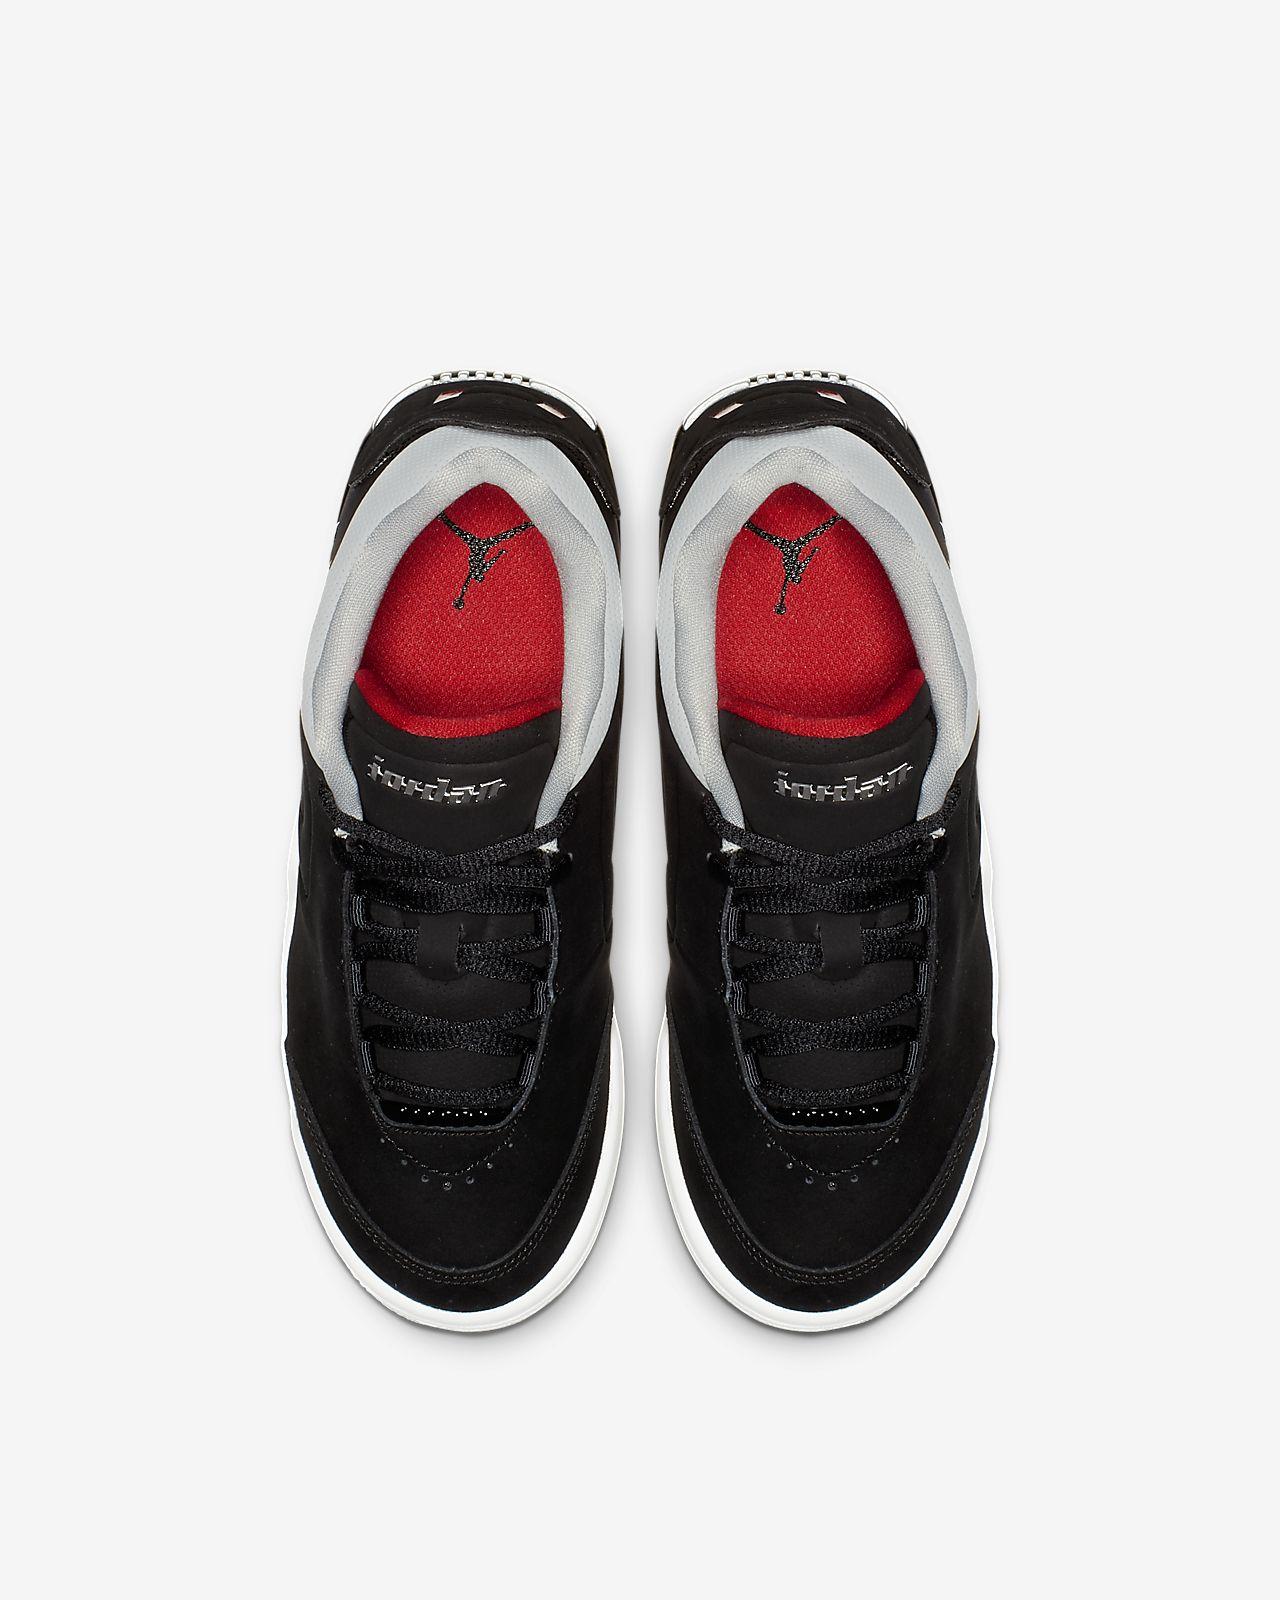 7ffcb9f3f53 Jordan Big Fund Older Kids' Shoe. Nike.com GB